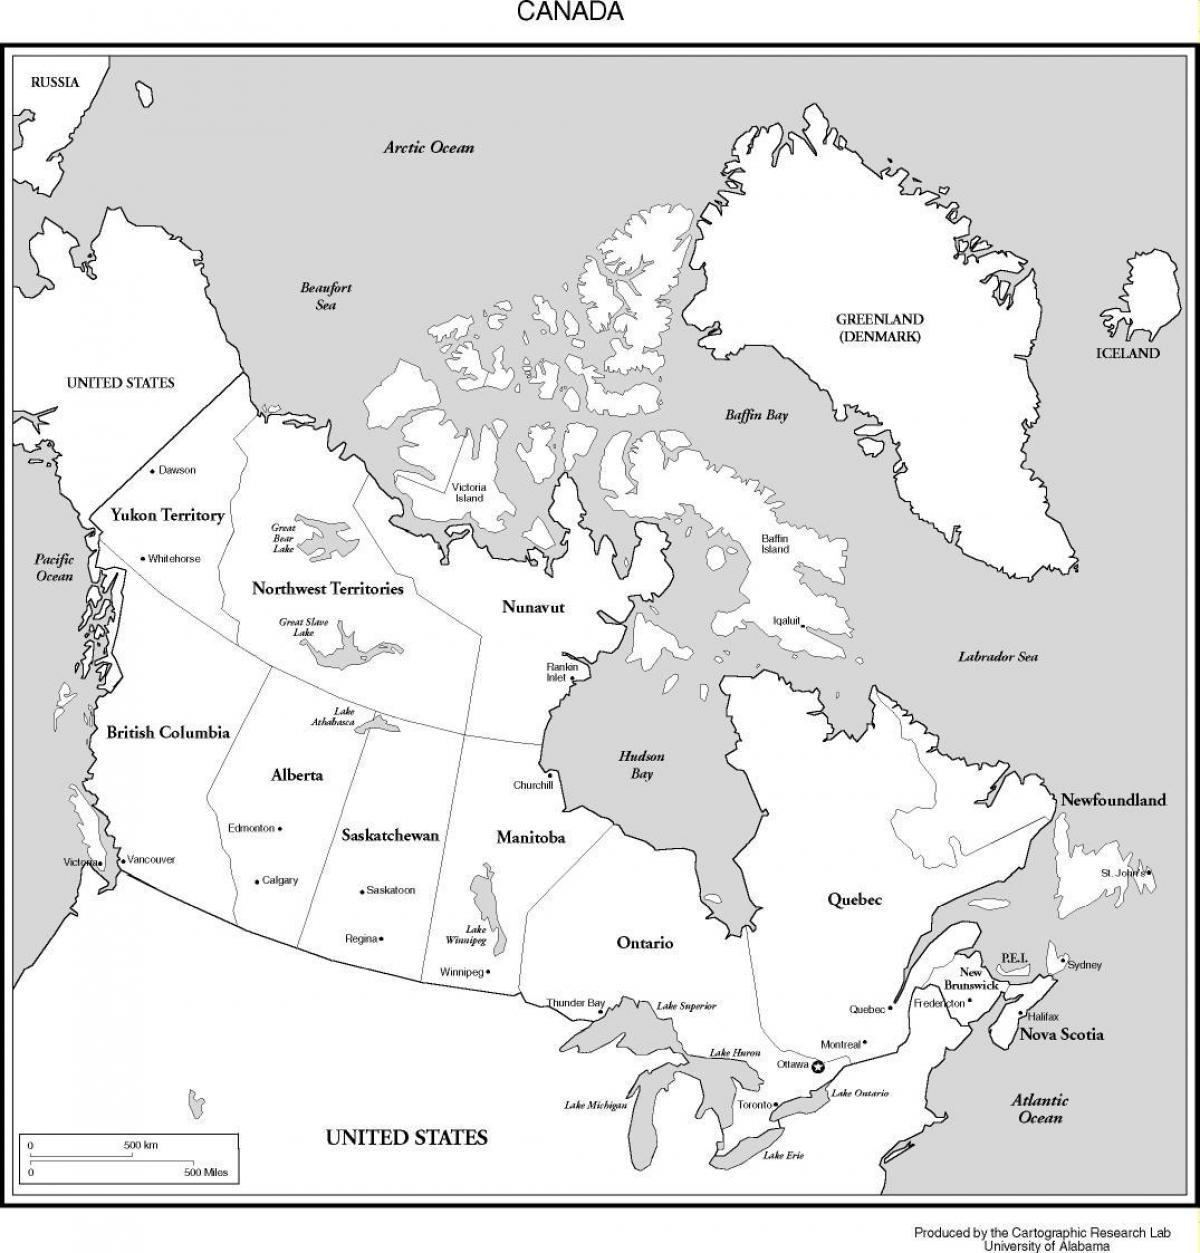 Amerika Karte Schwarz Weiß.Karte Von Kanada In Schwarz Und Weiß Kanada Karte Schwarz Und